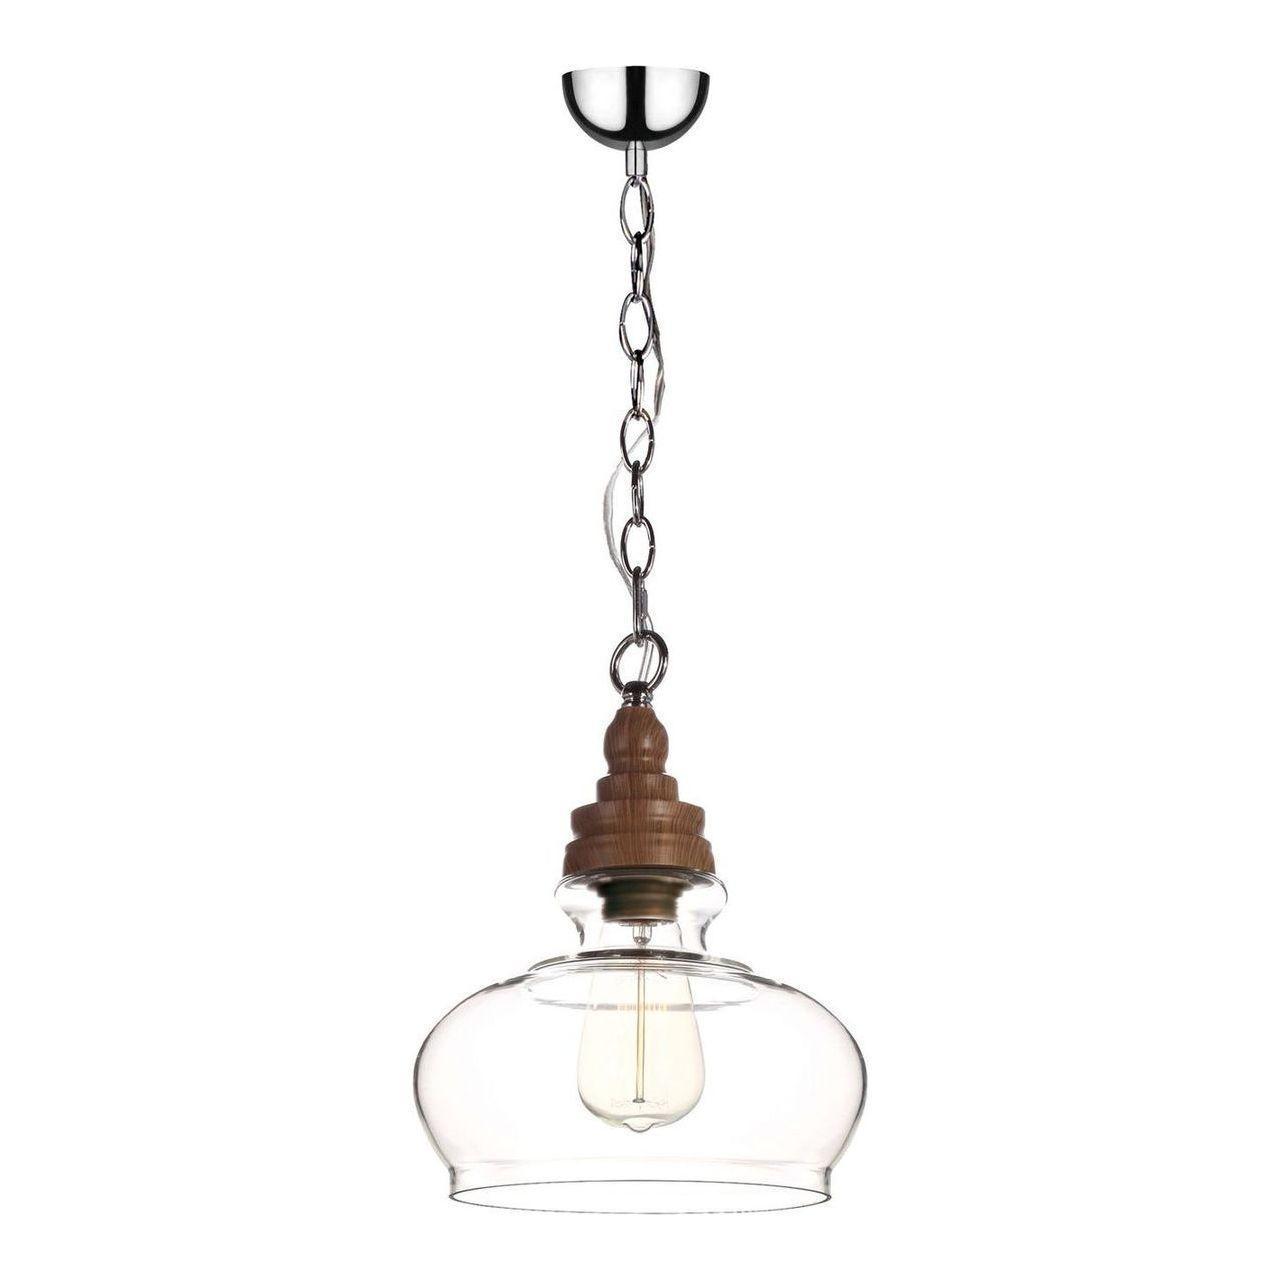 все цены на Подвесной светильник Britop Edvin 1540128